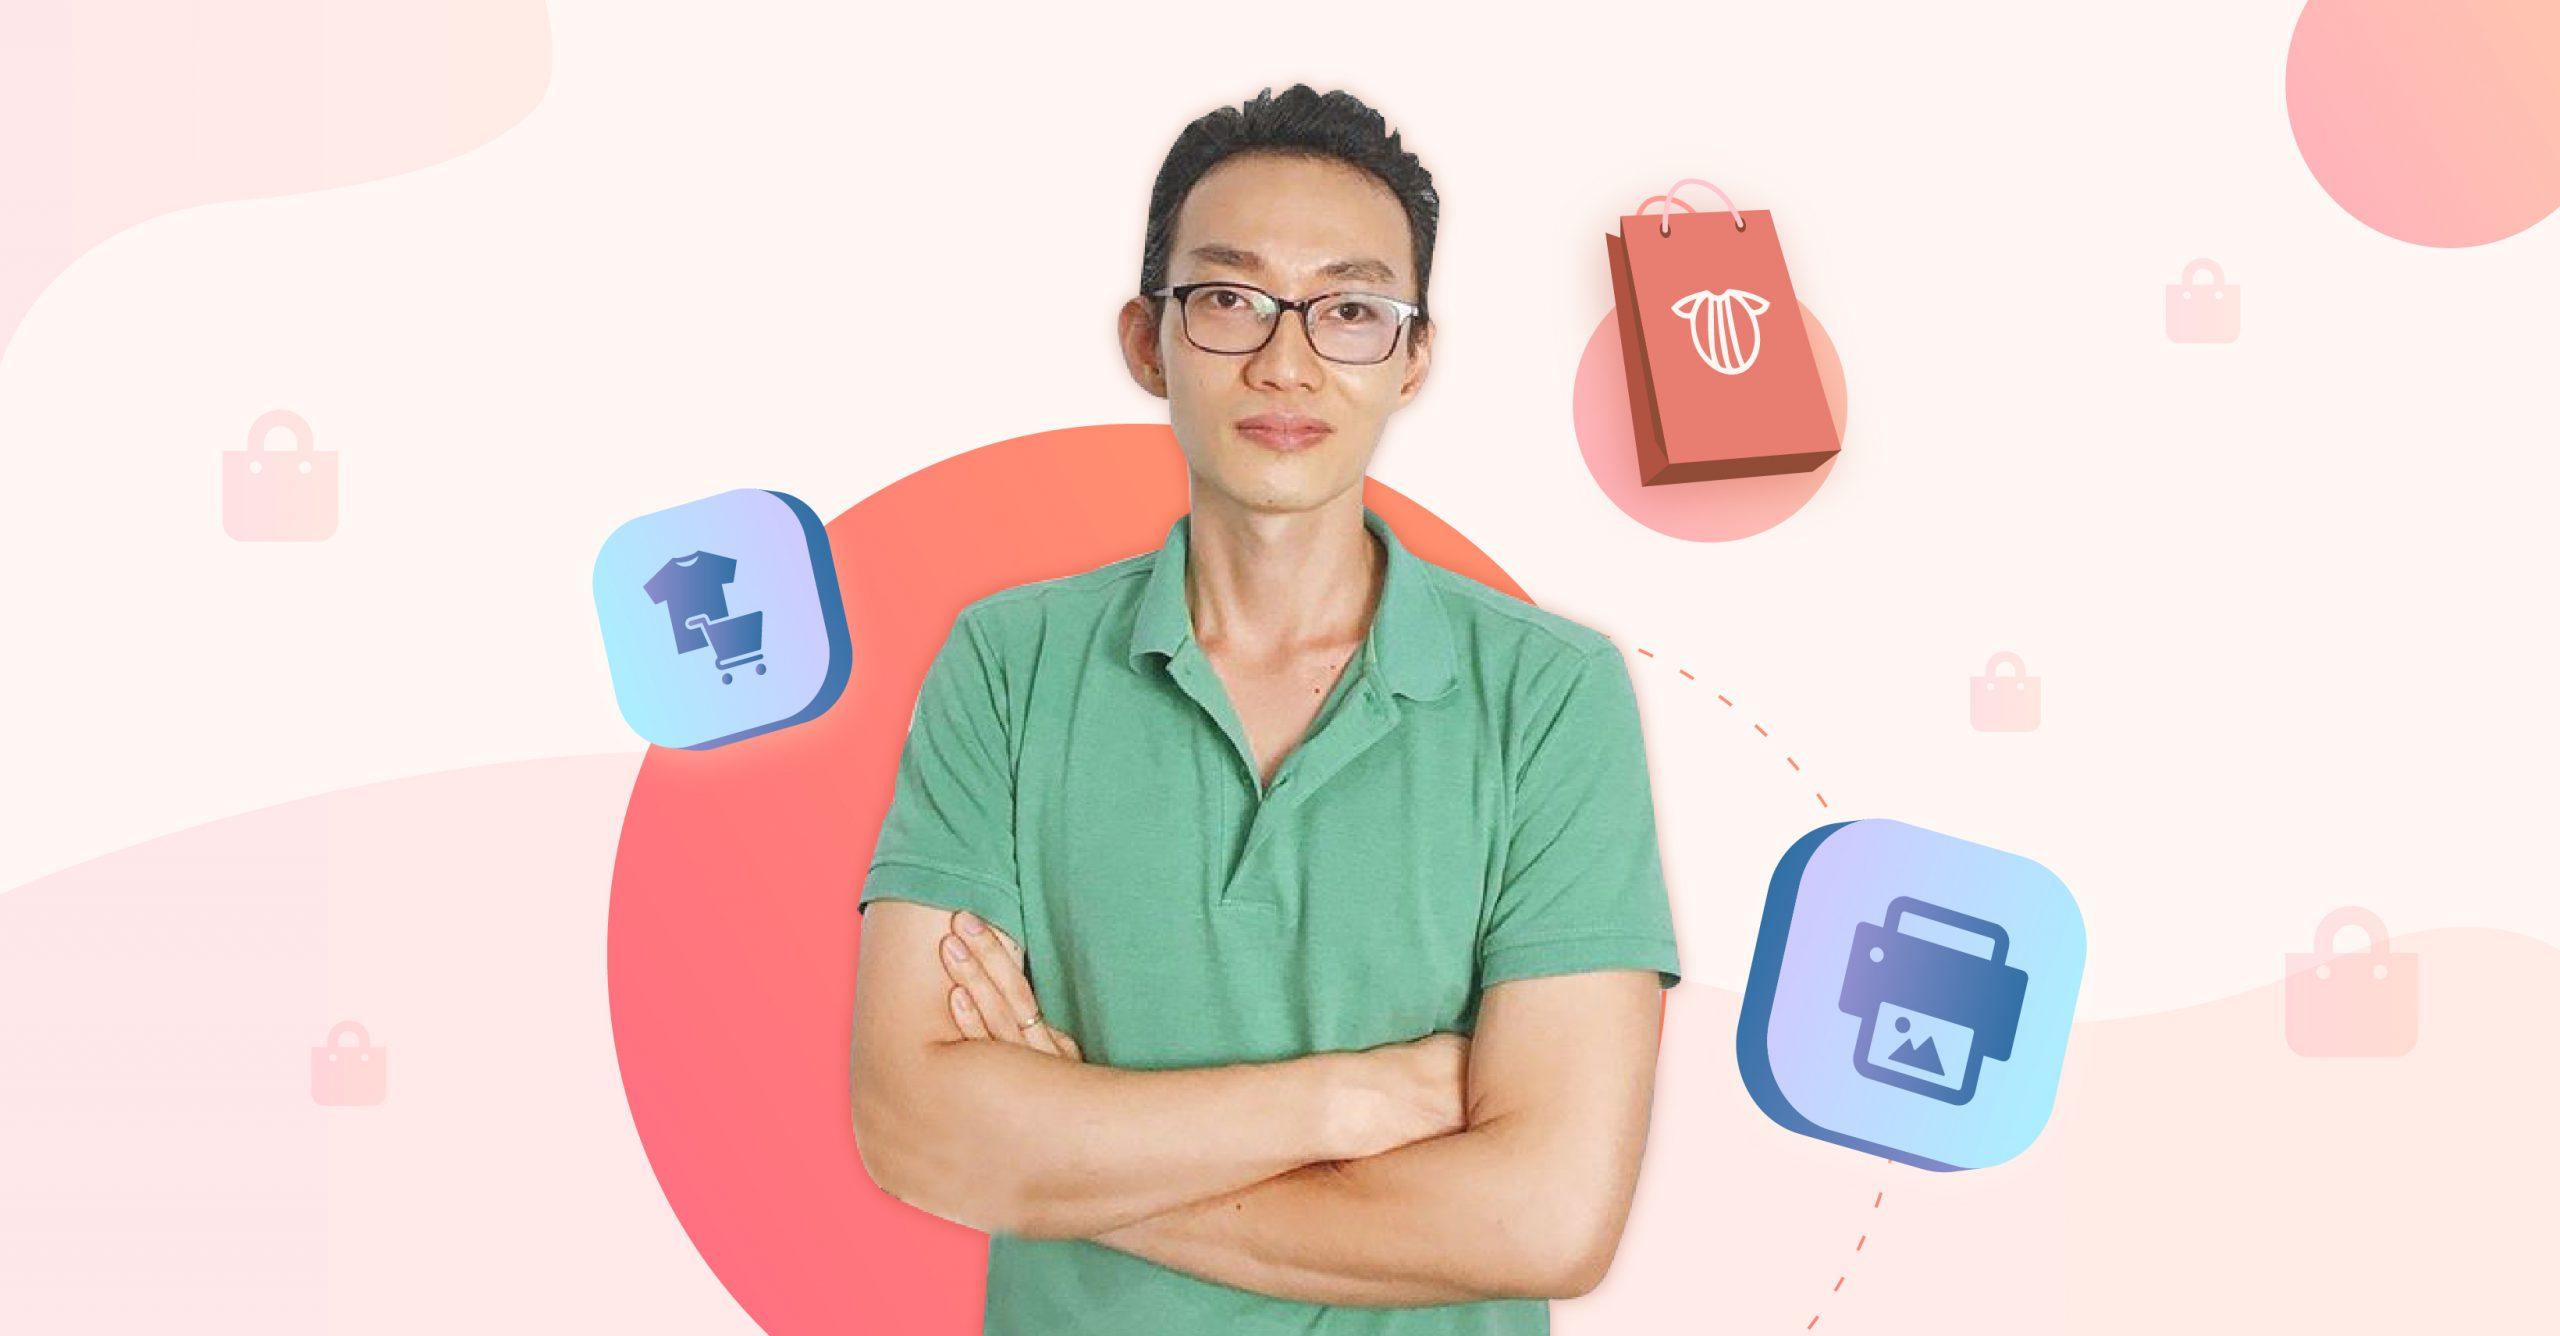 Pod Mastery Xay Dung Cua Hang Kinh Doanh Online Voi Hinh Thuc Pod Thi Truong Quoc Te Doanh Thu Trieu Do Tu Con So 0